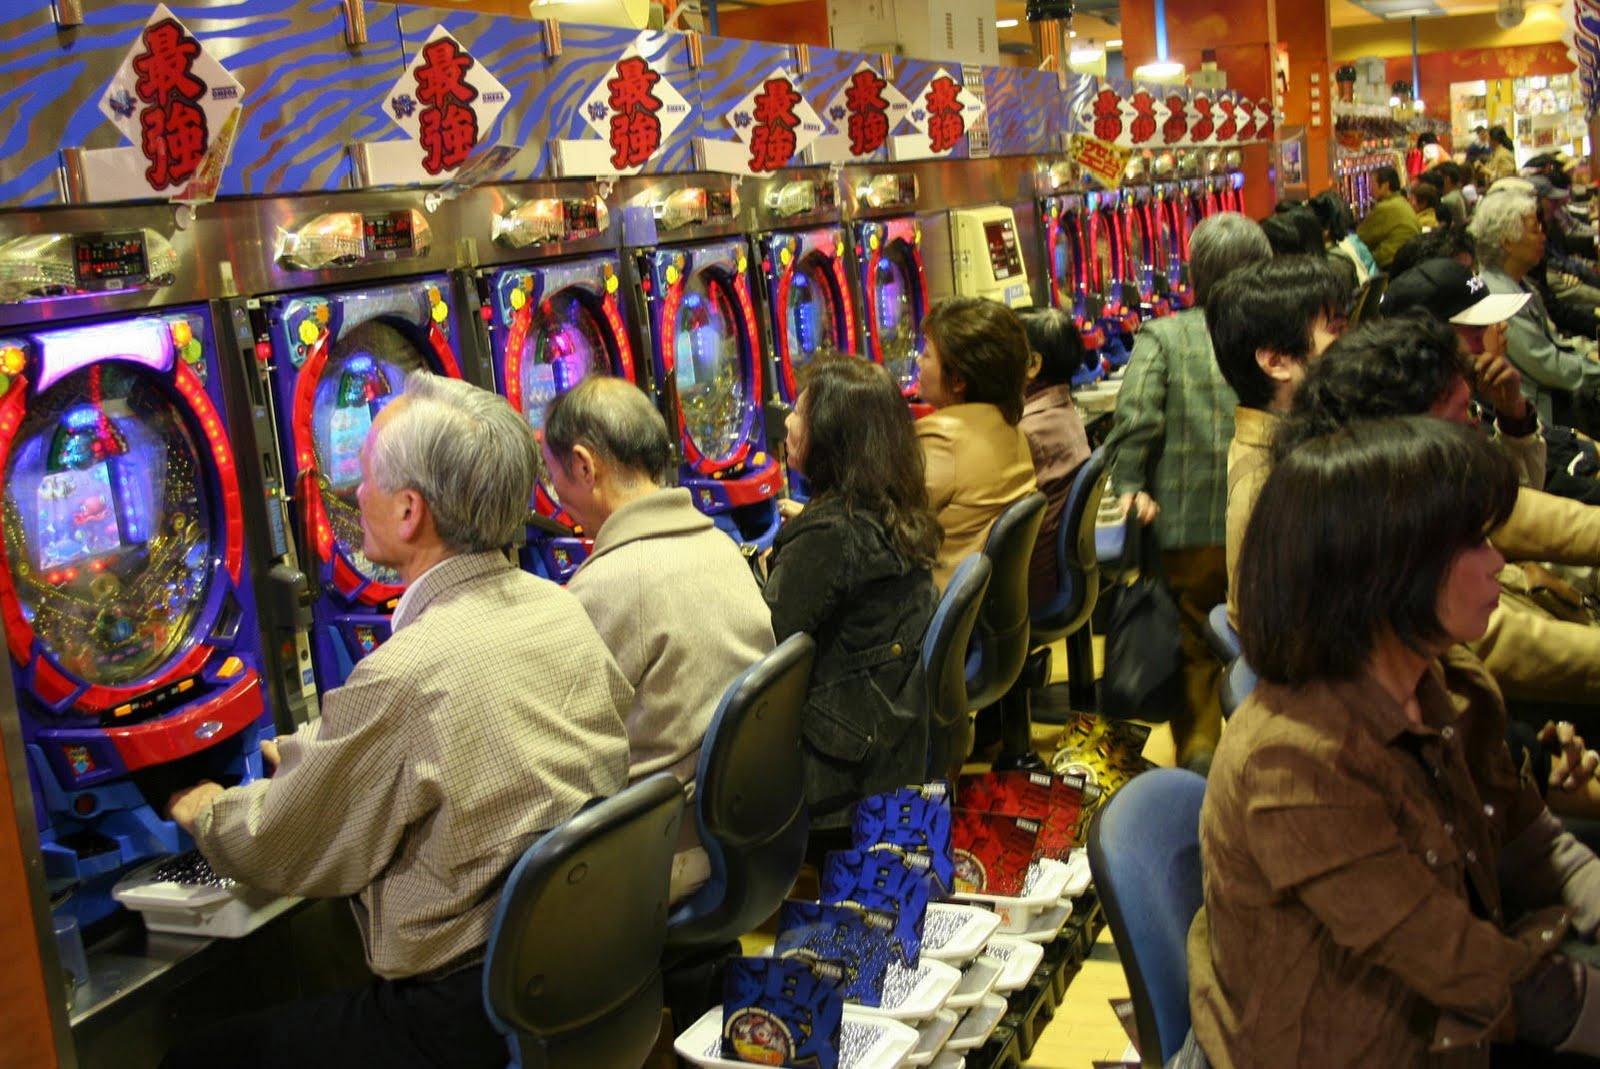 publicidad de un casino para un sitio